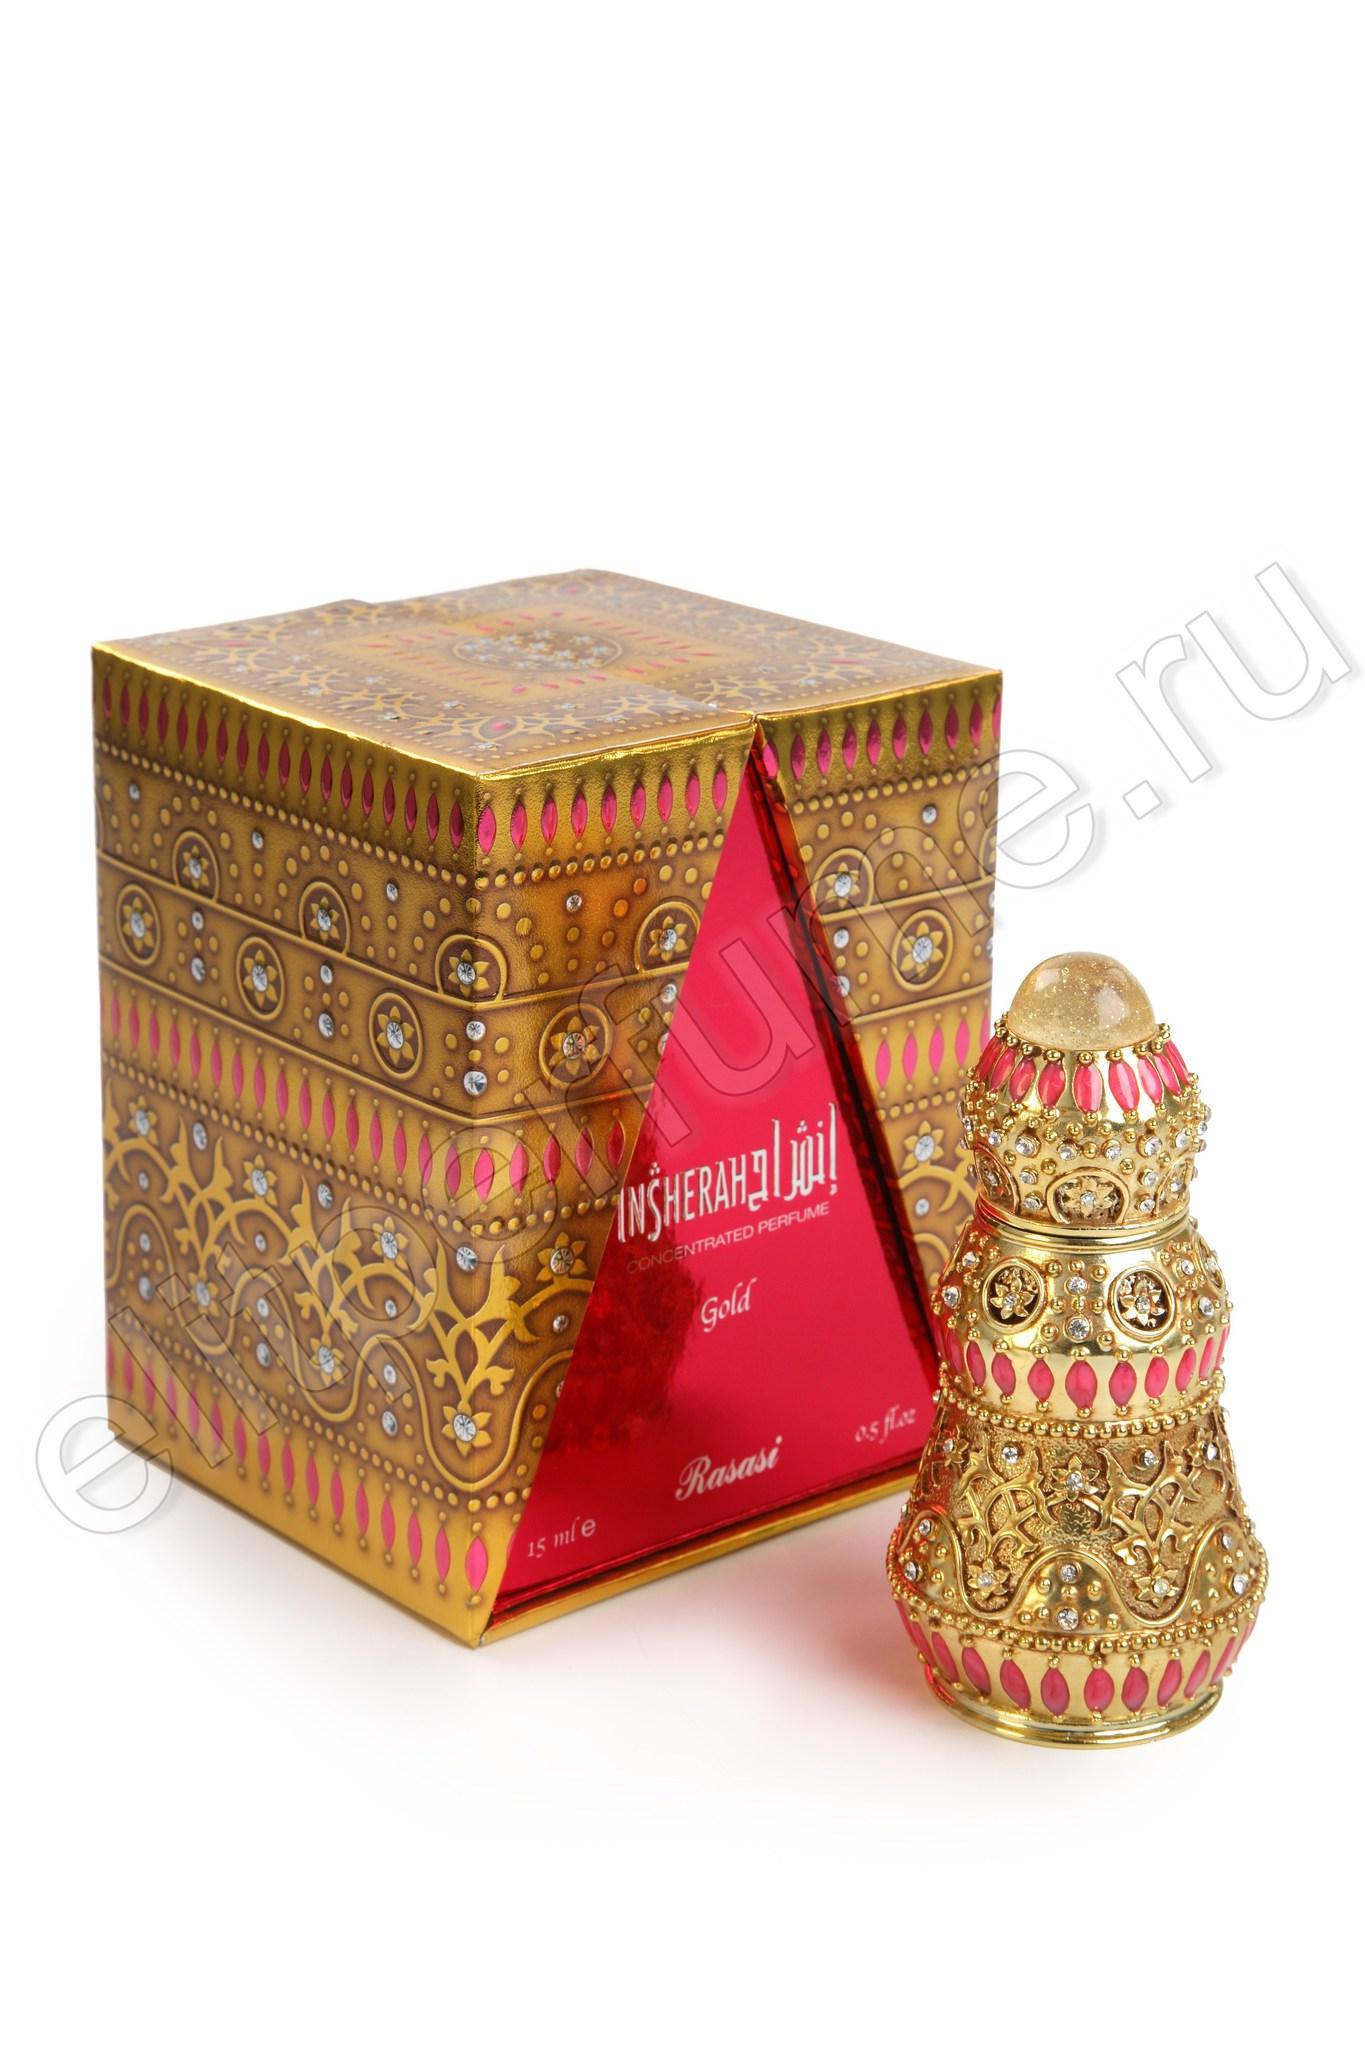 Иншера Золотой Insherah Gold 15 мл арабские масляные духи от Расаси Rasasi Perfumes